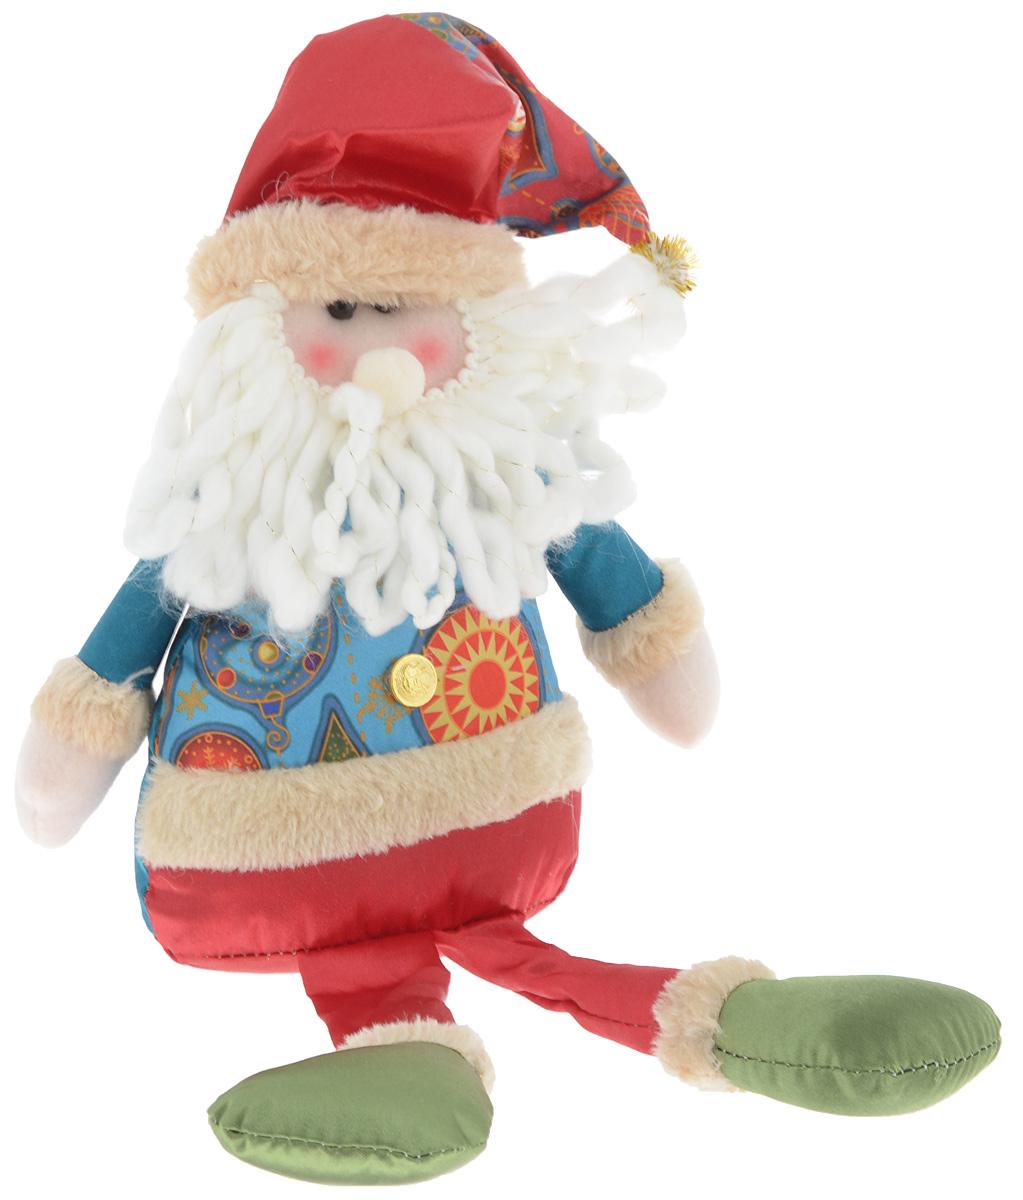 Украшение новогоднее декоративное Win Max Дед Мороз, 17,5 х 7 х 36 см5055398636121Украшение новогоднее декоративное Win Max Дед Мороз прекрасно подойдет для праздничного декора вашего дома. Изделие выполнено из текстиля с наполнителем из синтепона в виде забавного Деда Мороза. Для утяжеления и повышения устойчивости игрушки служит гранулят из полимера. Новогодние украшения несут в себе волшебство и красоту праздника. Они помогут вам украсить дом к предстоящим праздникам и оживить интерьер. Создайте в доме атмосферу тепла, веселья и радости, украшая его всей семьей.Кроме того, такая игрушка станет приятным подарком, который надолго сохранит память этого волшебного времени года.